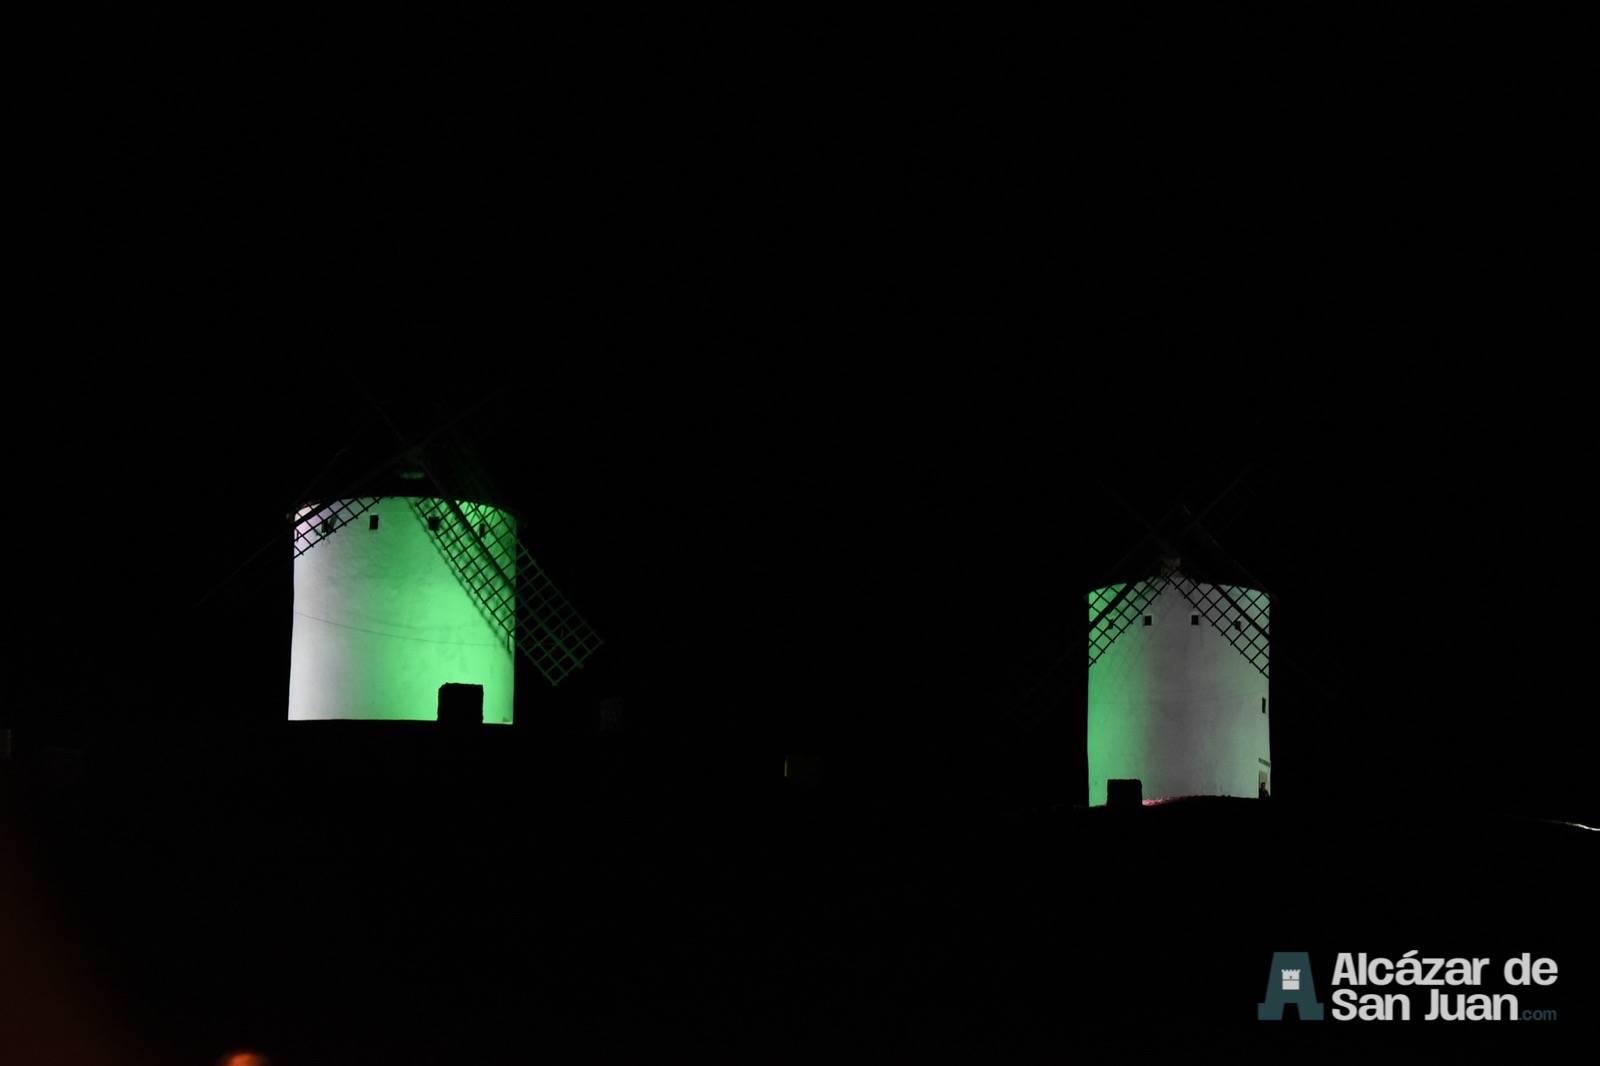 iluminacion artistica moninos viento alcazar san juan 4 - Los molinos de viento de Castilla-La Mancha con iluminación artística como reclamo artístico